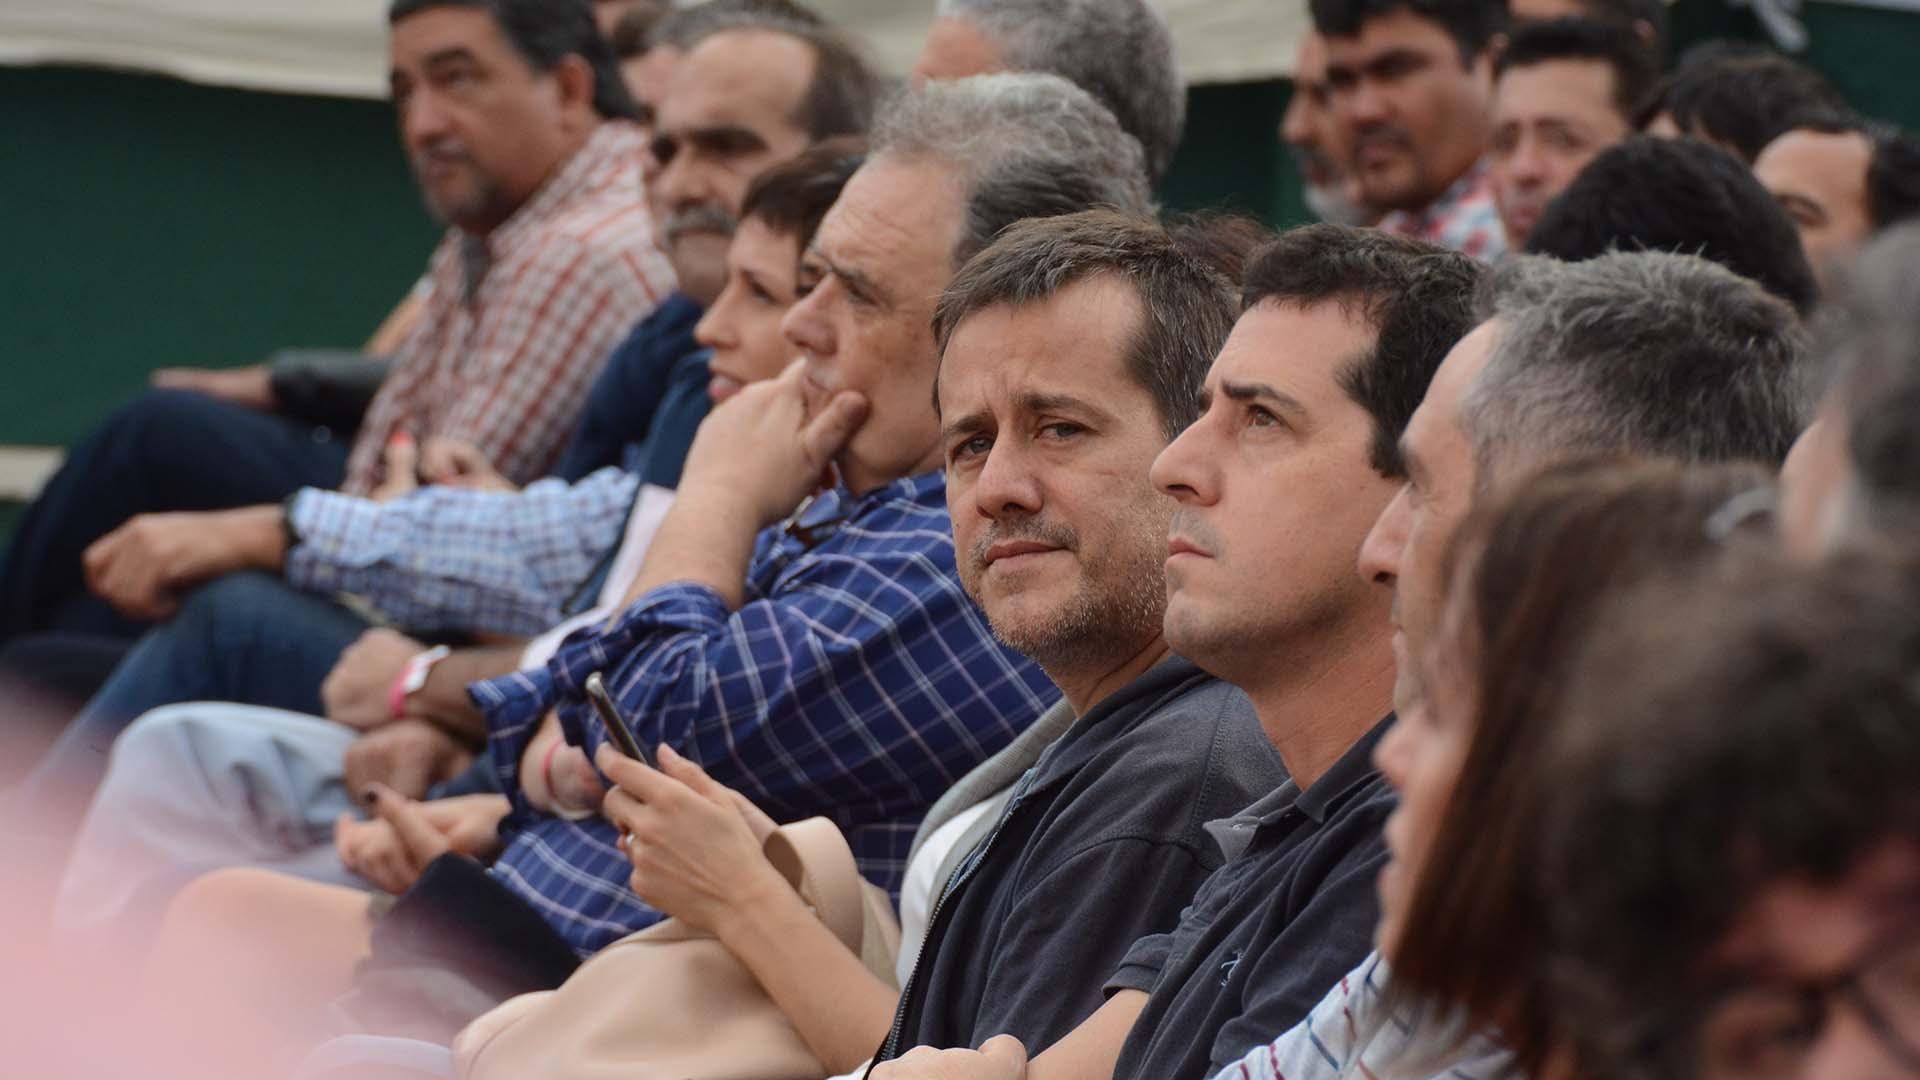 """En la primera fila del acto estuvieron Victoria Donda, los camporistas Mariano Recalde, Eduardo """"Wado"""" De Pedro y el ex embajador argentino en el Vaticano, Eduardo Valdéz, entre otros,"""